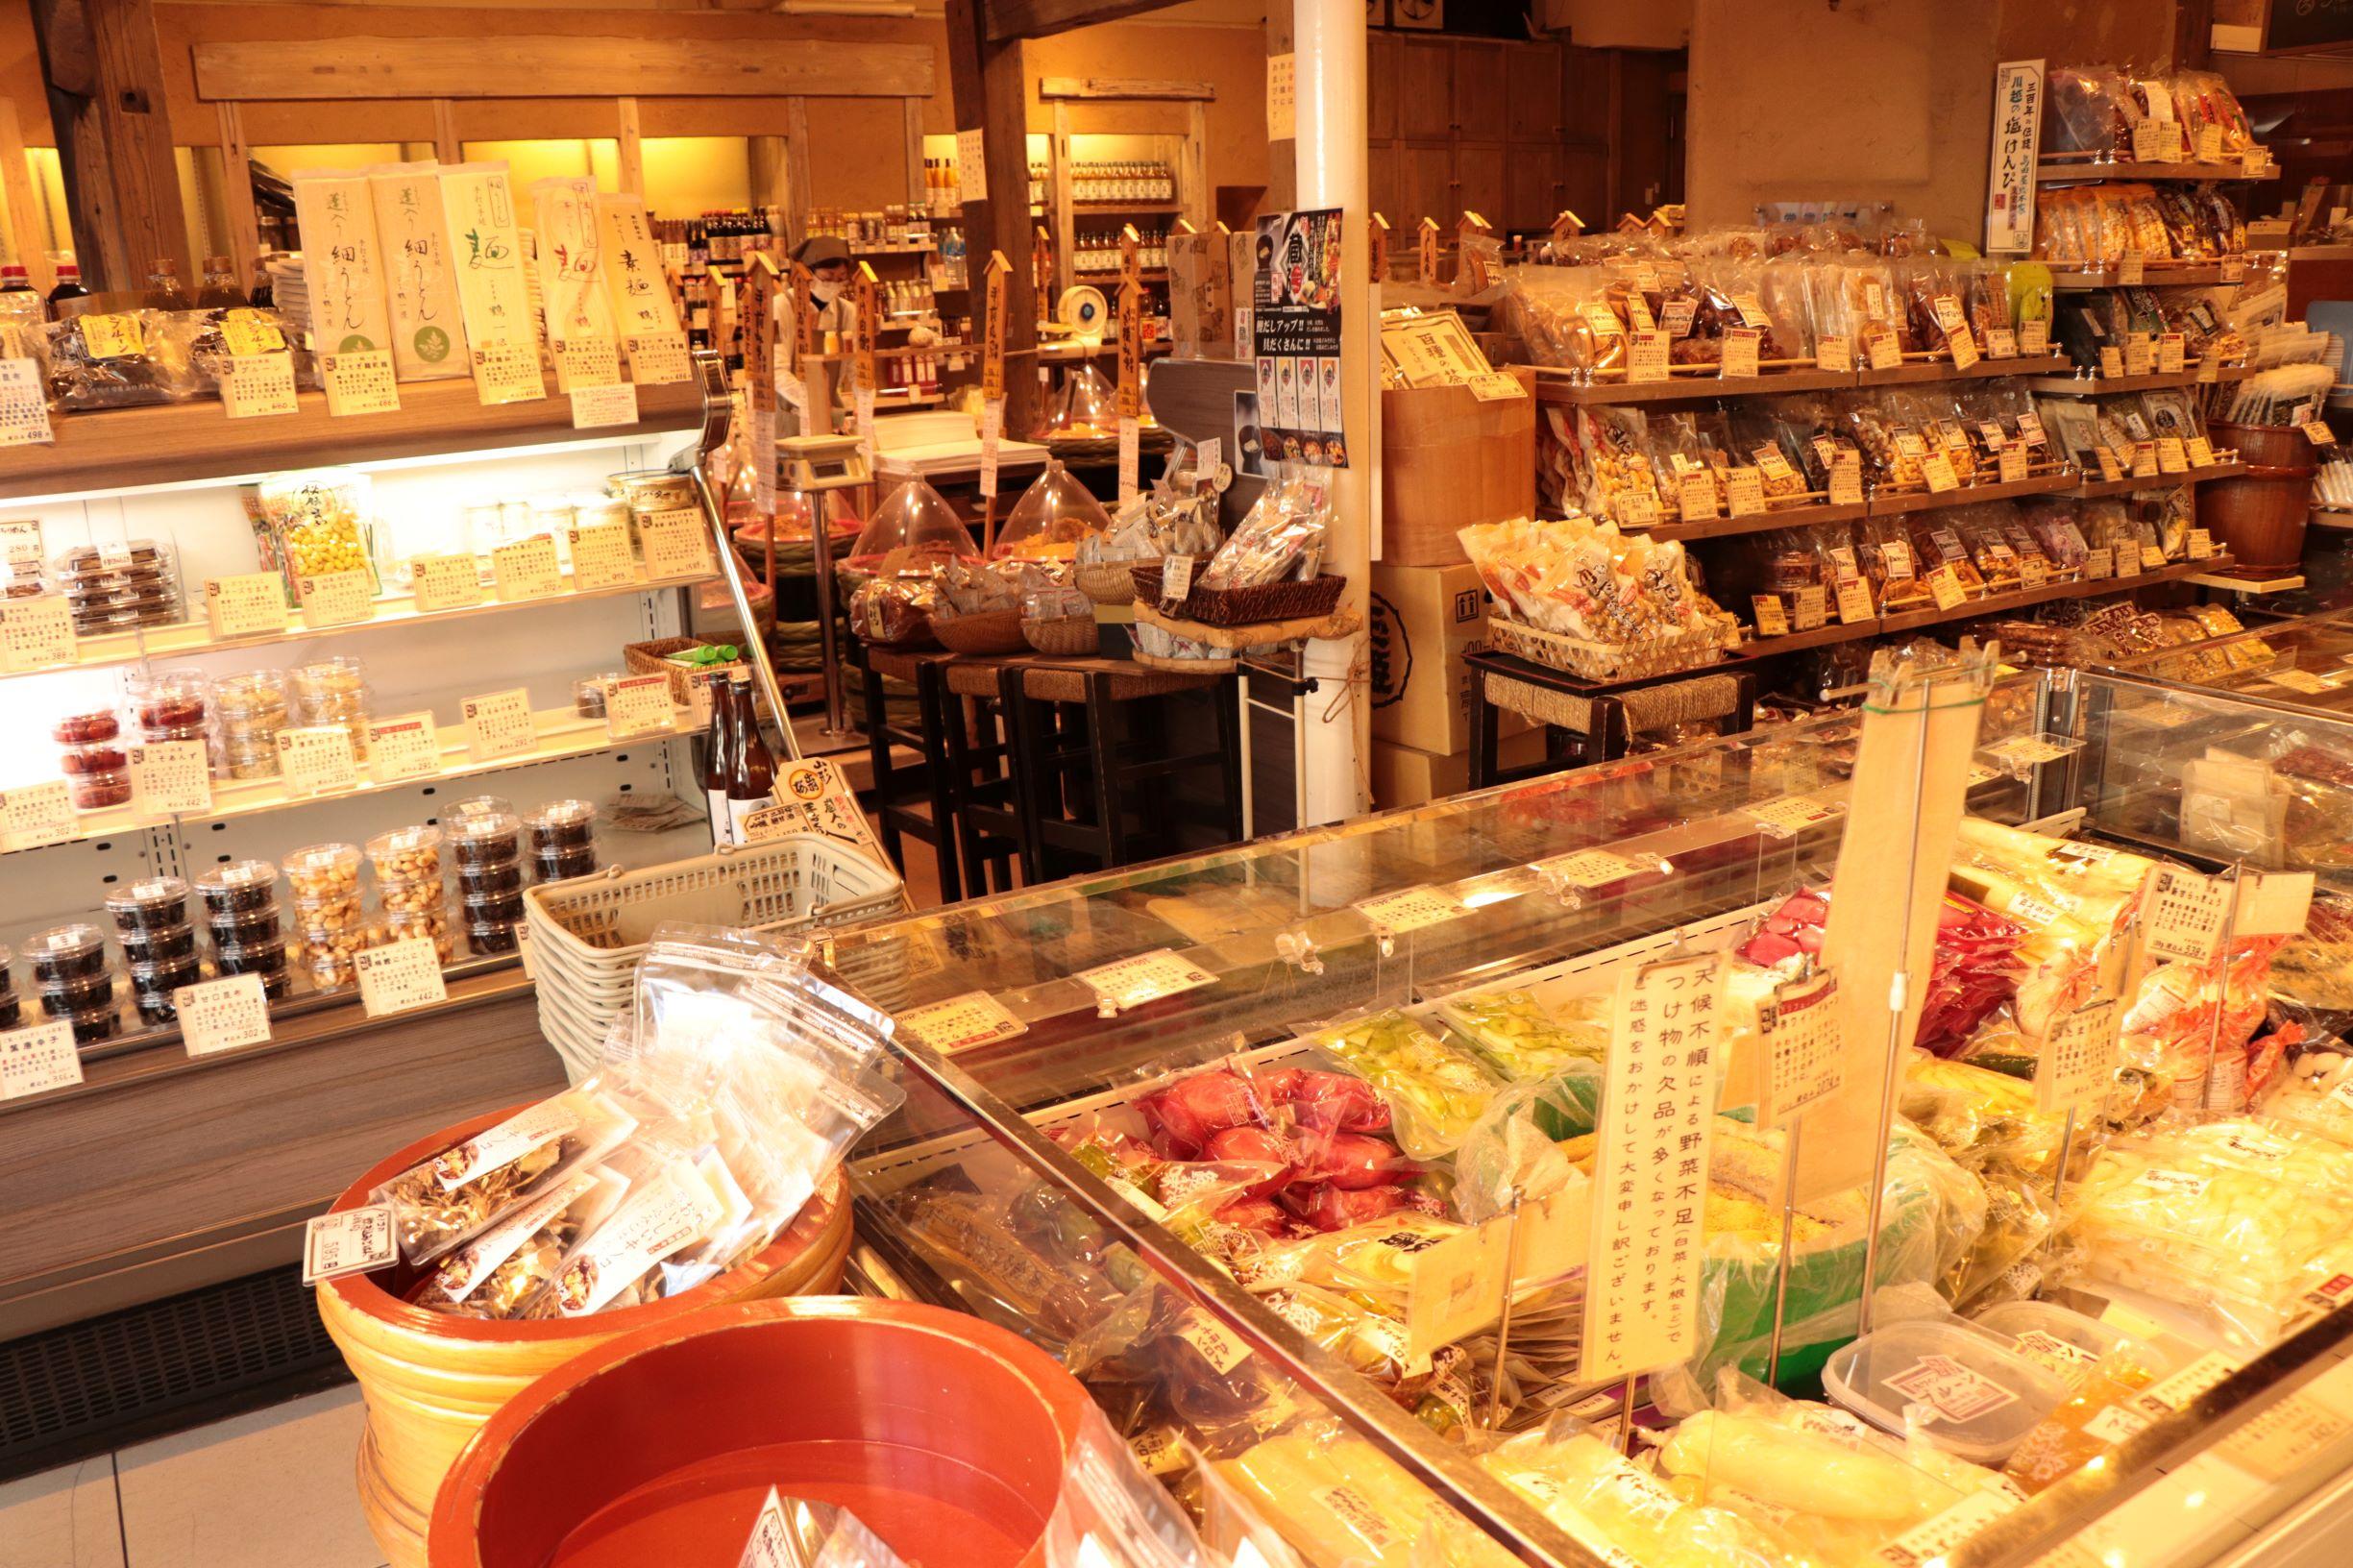 """[江東這個市鎮那個人]富裕地給醬菜以及調料,肉湯等的餐桌上色的精選的食材除了70種大醬以外""""佐野大醬龜戶總店""""總經理佐野正明店裡排隊所狹shito。"""